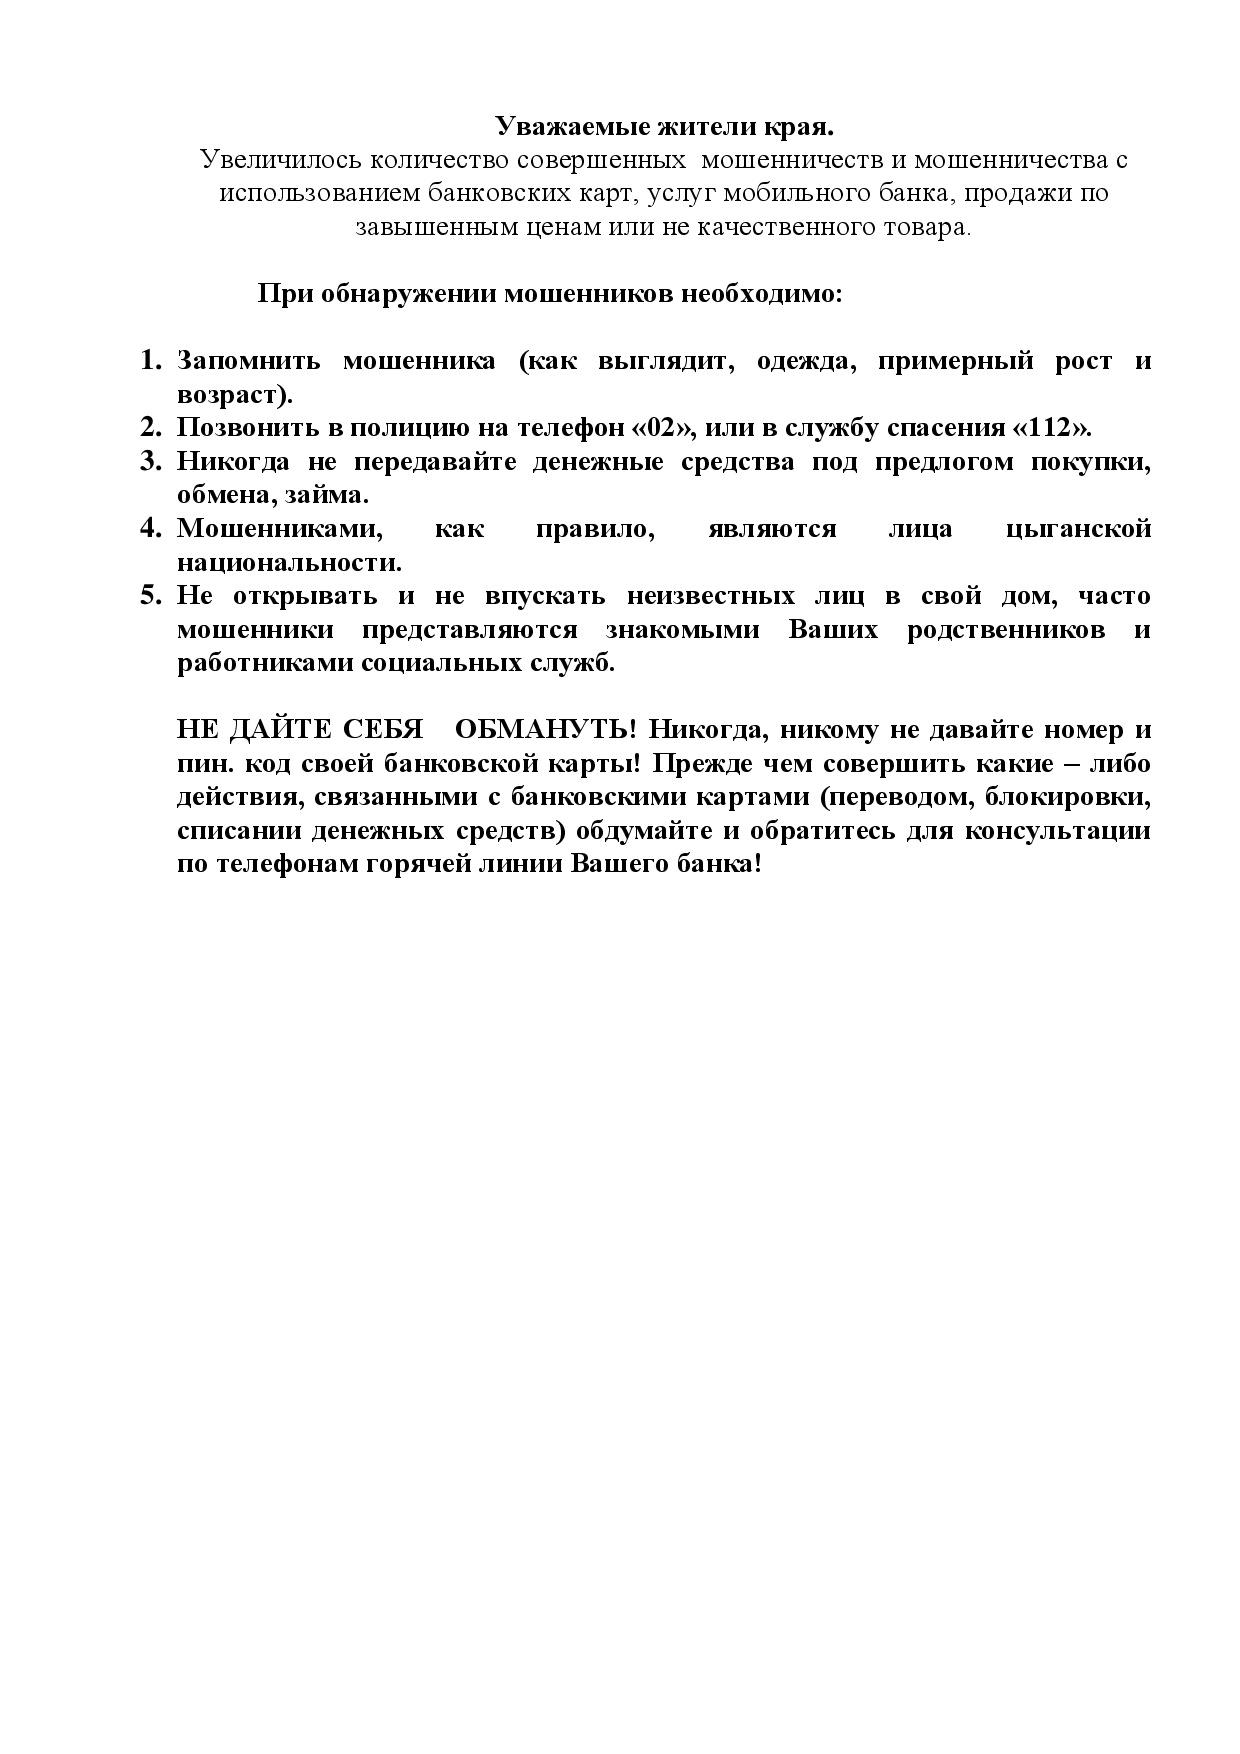 informatsiya-1-001